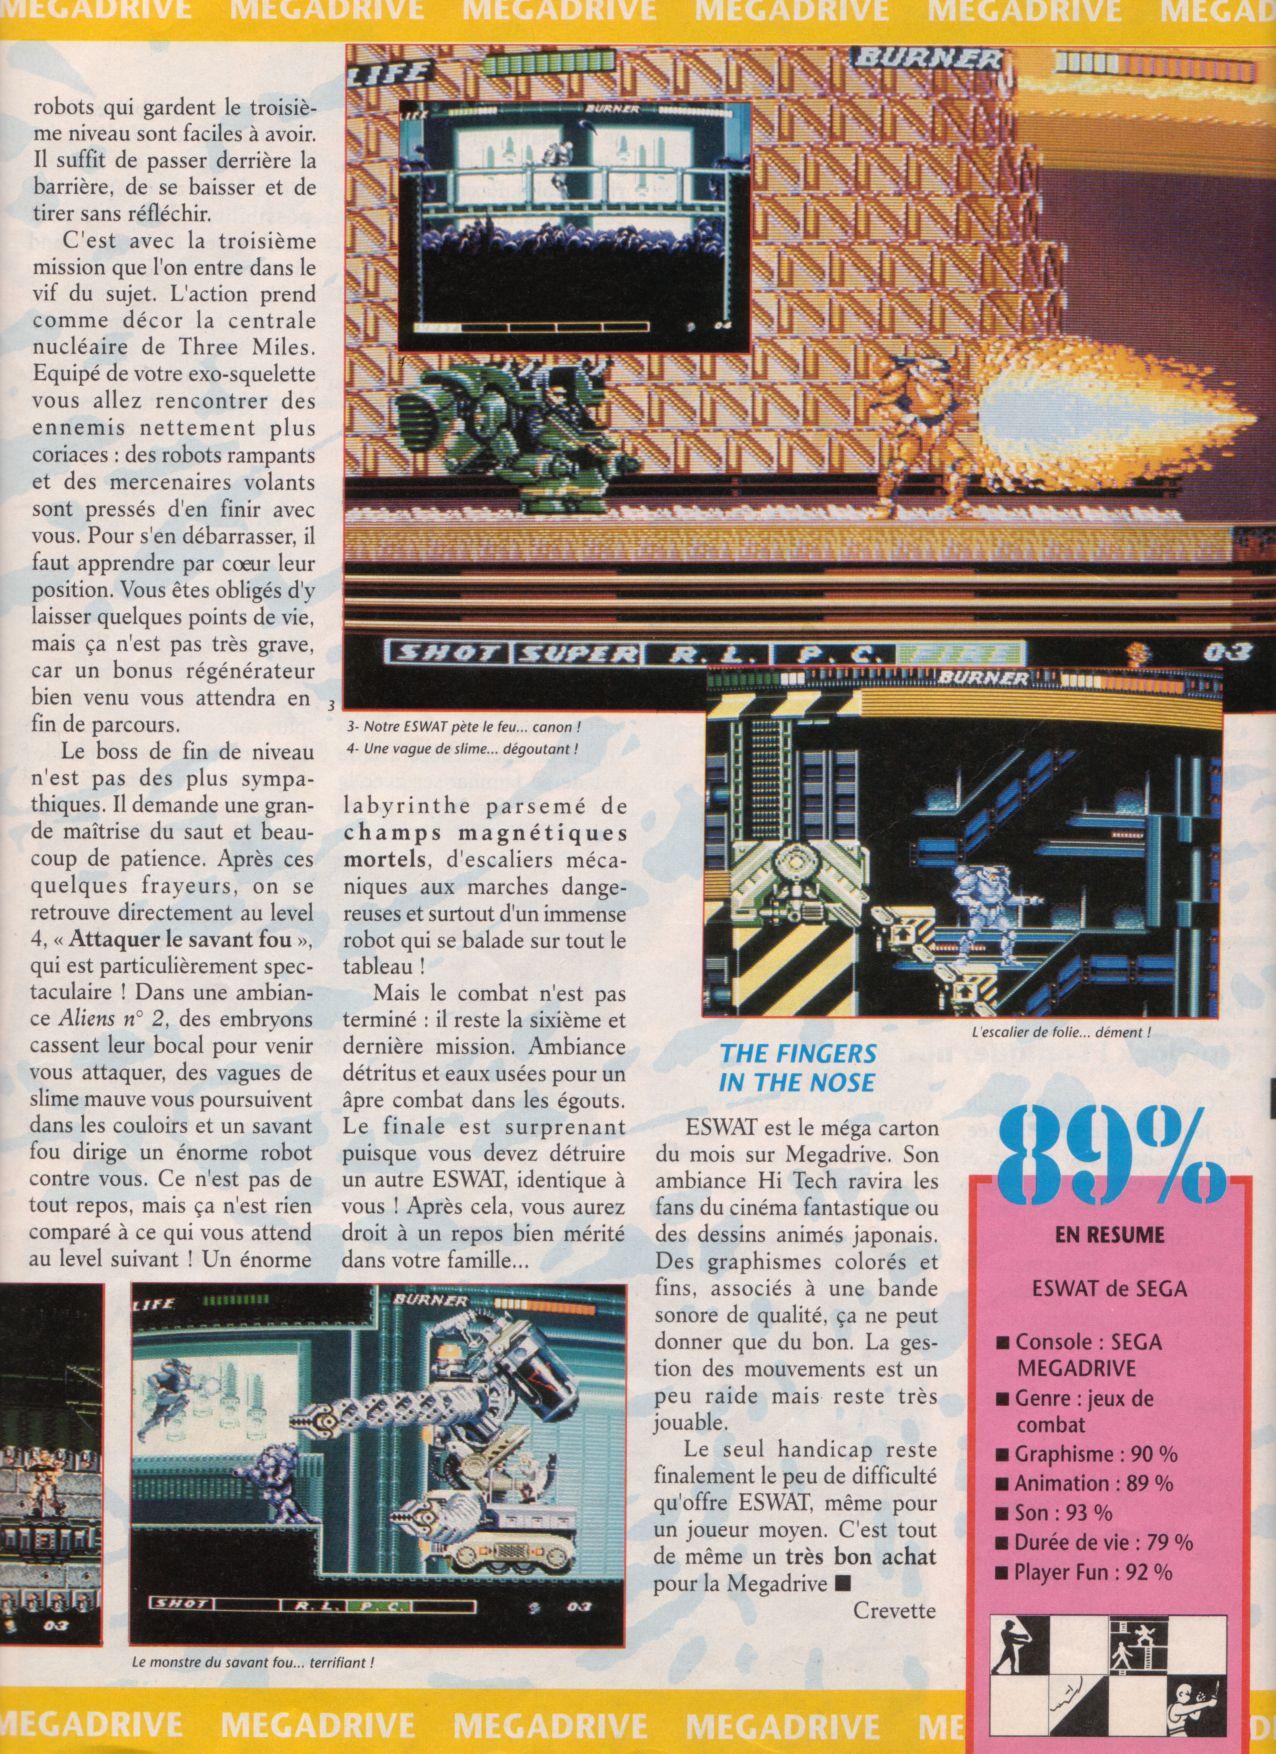 Le topic officiel de la Megadrive - Page 26 Player%20One%20006%20-%20Page%20023%20%281991-02%29